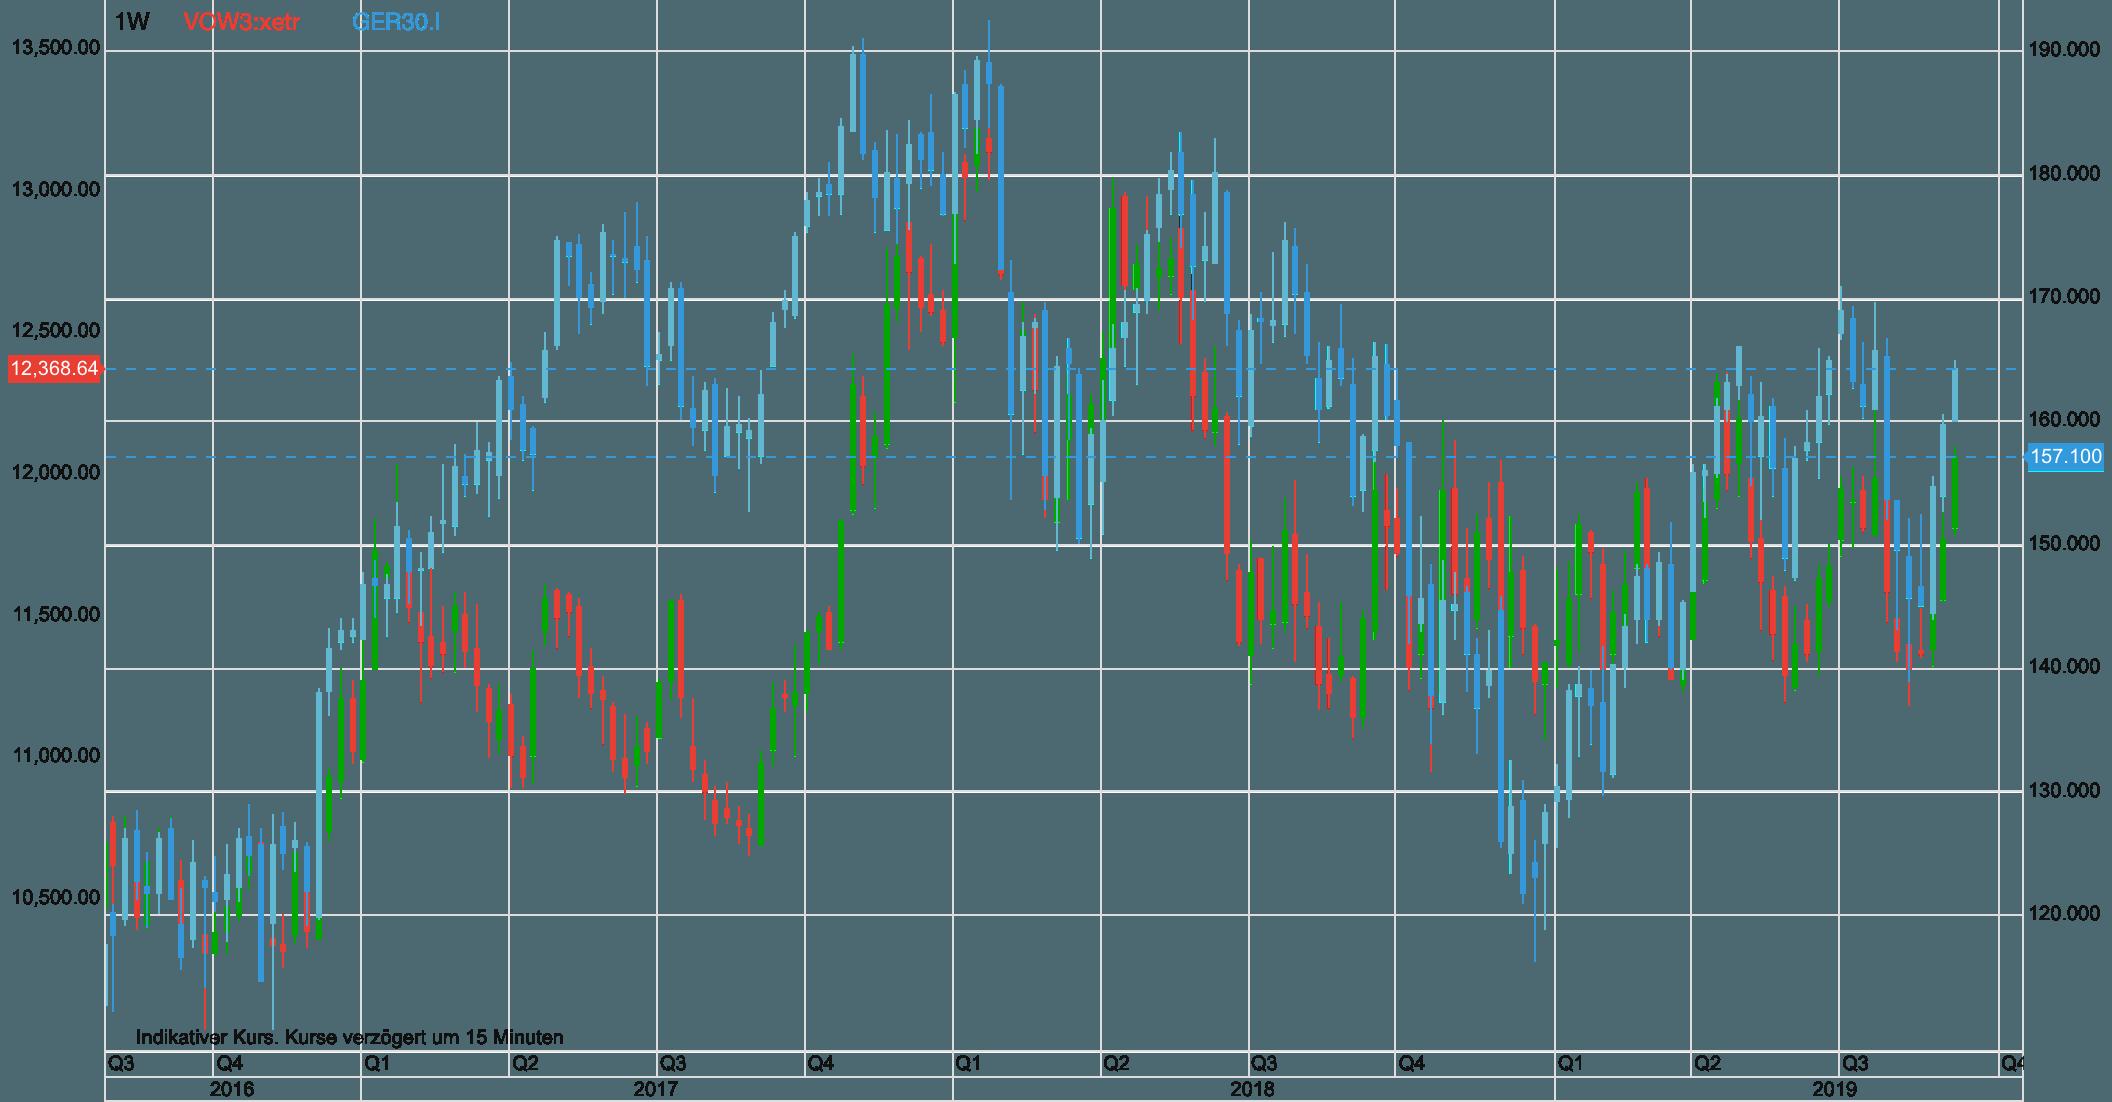 Volkswagen vs Dax seit 2016